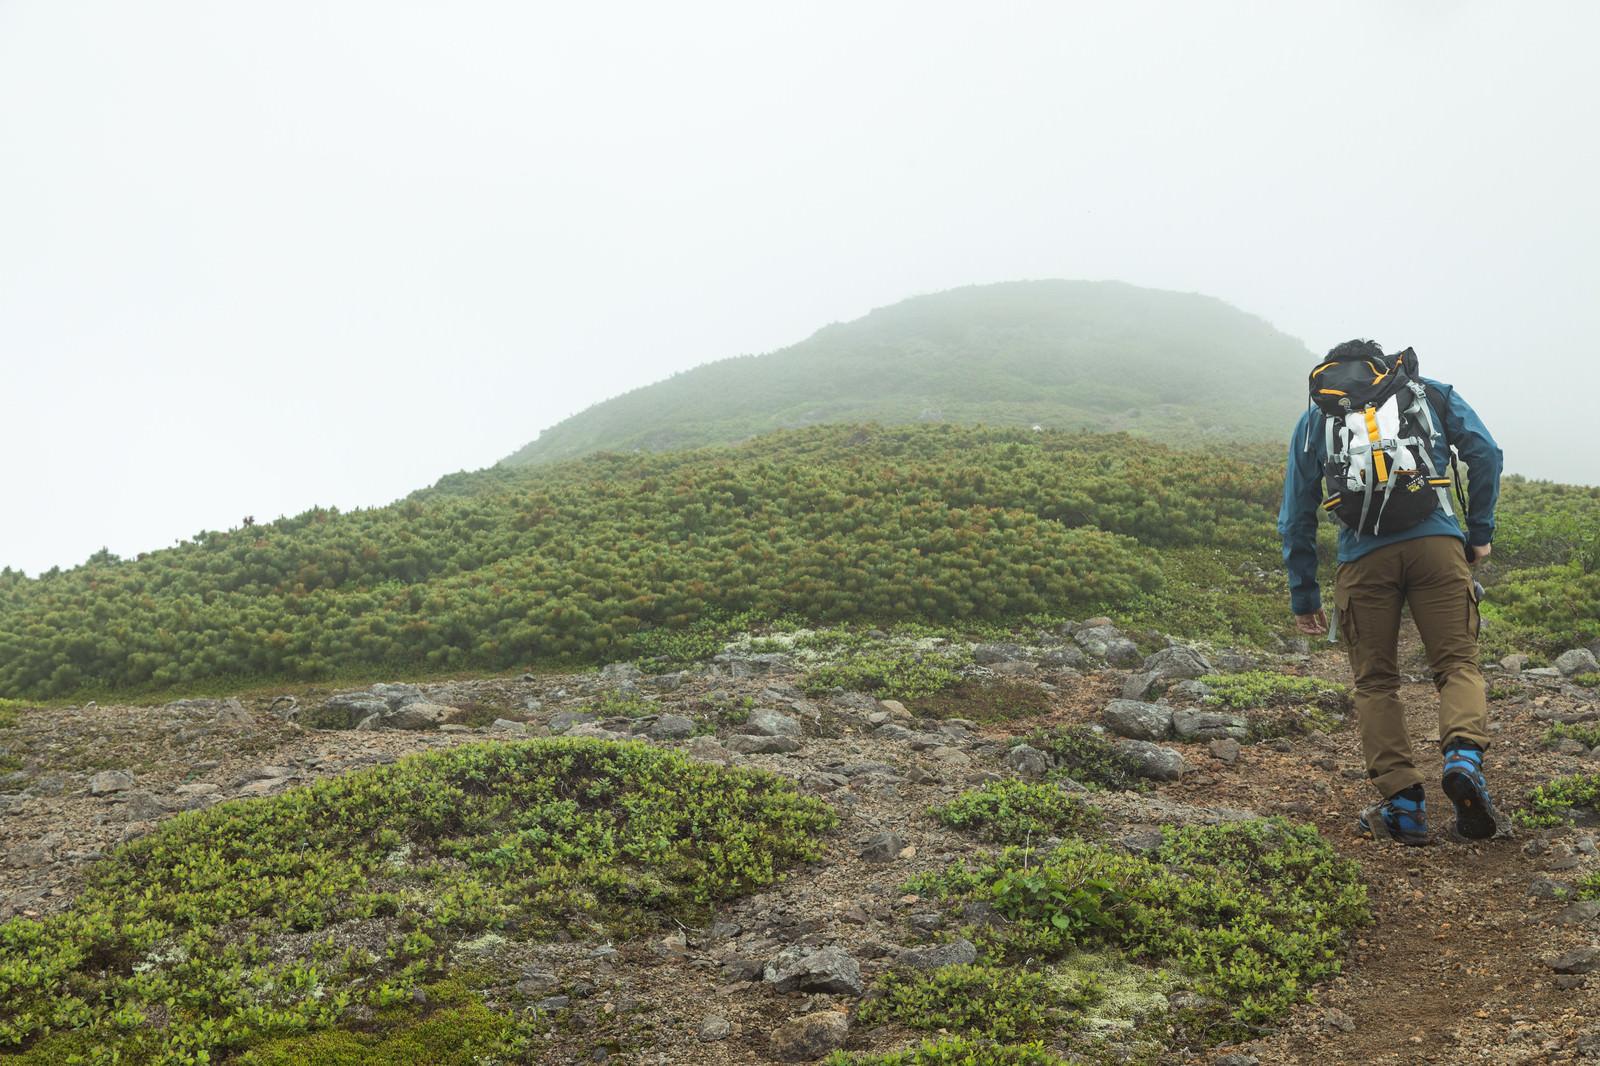 「傾斜のある登山道を歩く」の写真